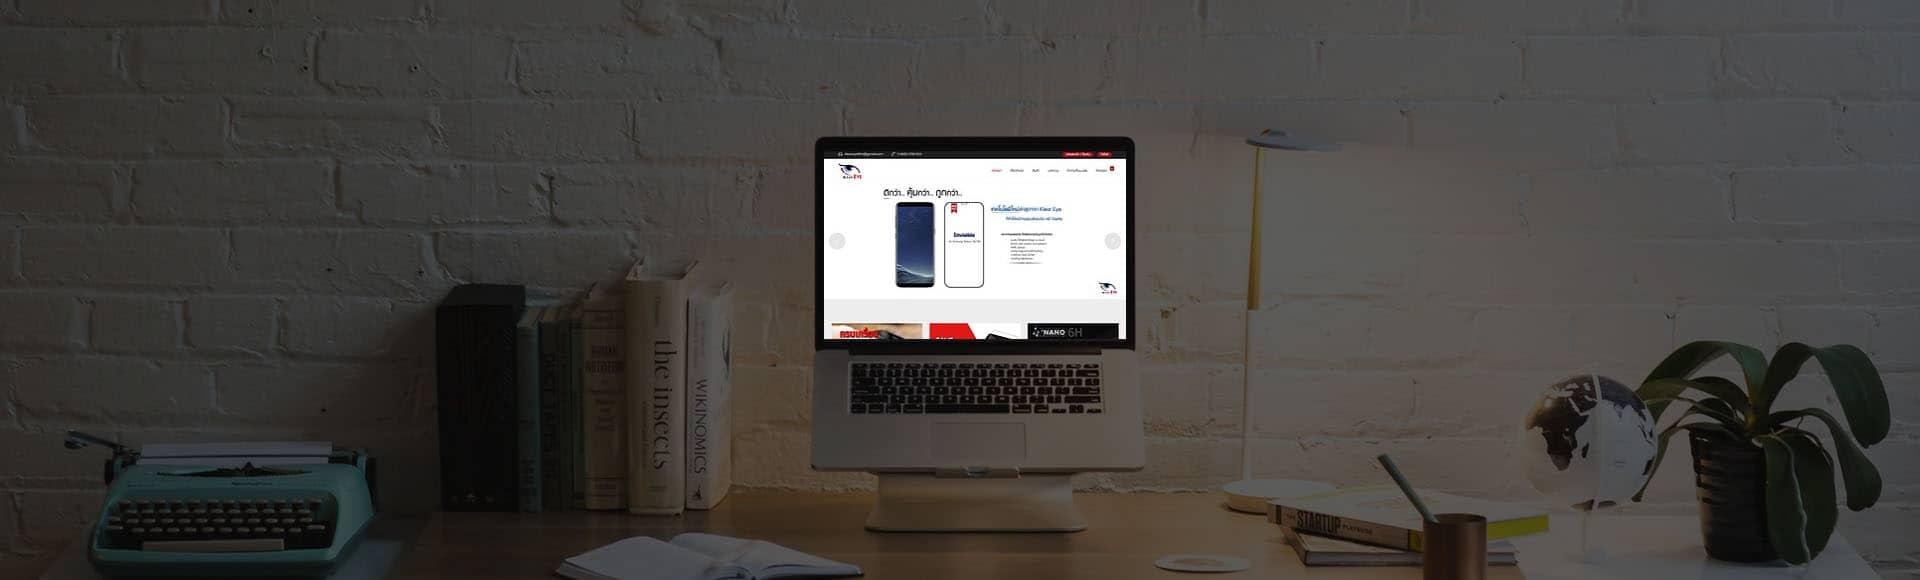 ผลงานทำเว็บไซต์ E-commerce ขายฟิล์มกันรอย | รับทำเว็บไซต์ e-commerce